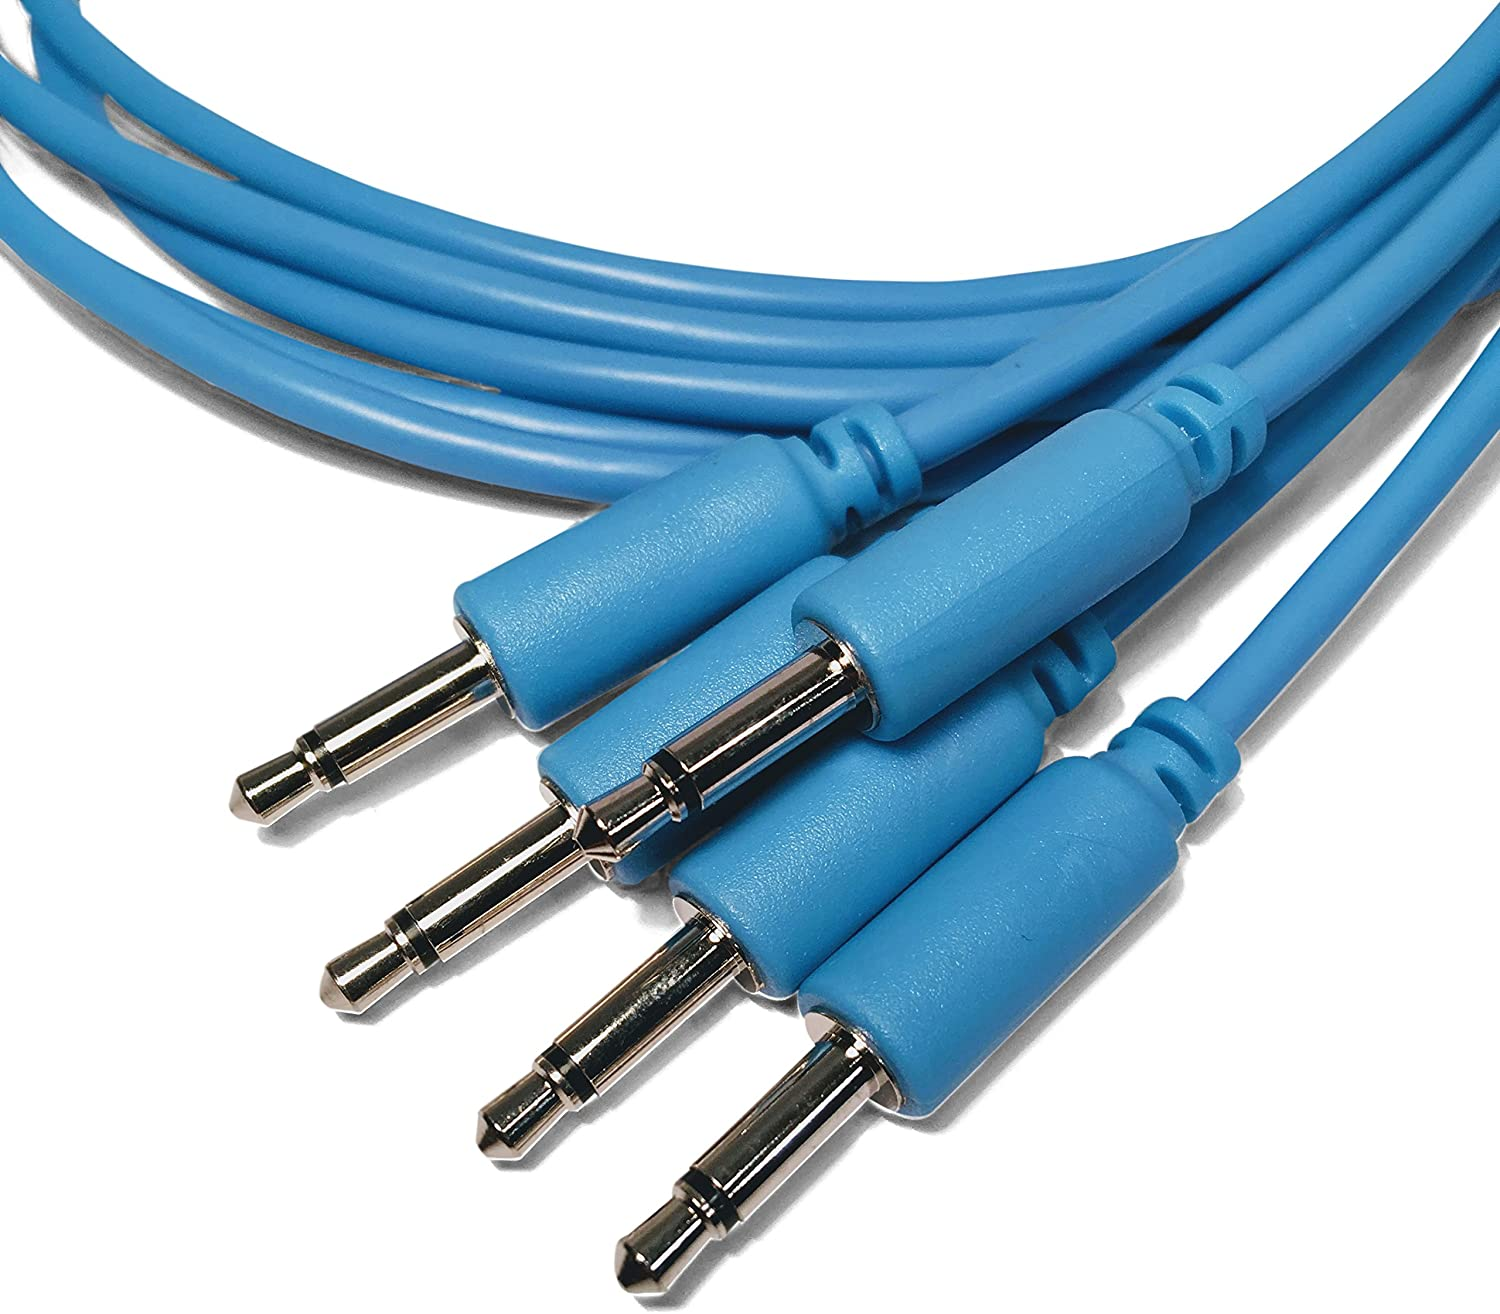 10 colores// 5 longitudes disponibles 5 piezas Eurorack Modular Cables de Patch